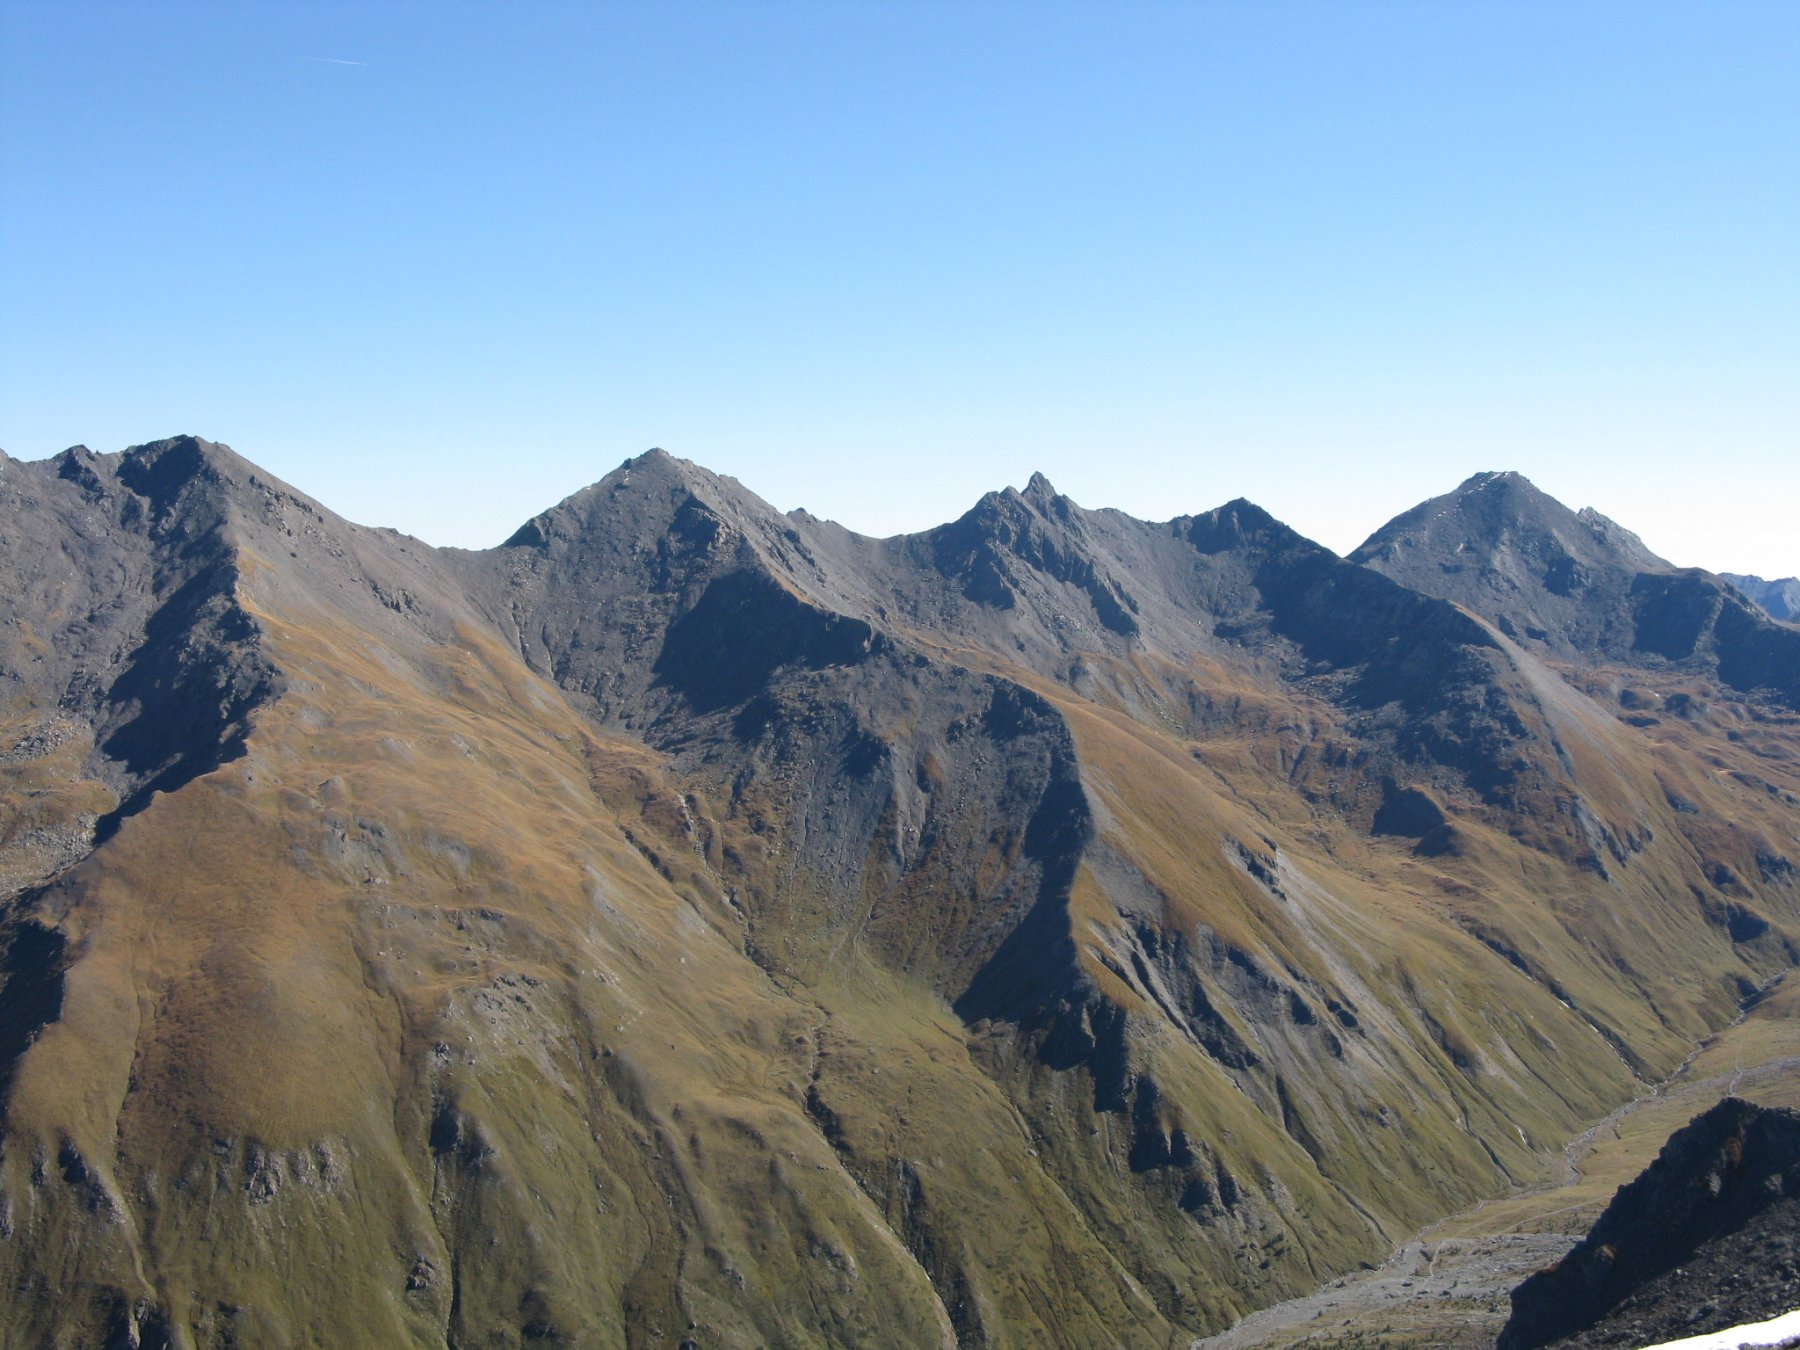 Monte Pelvo, Serpentiera e Ramiere